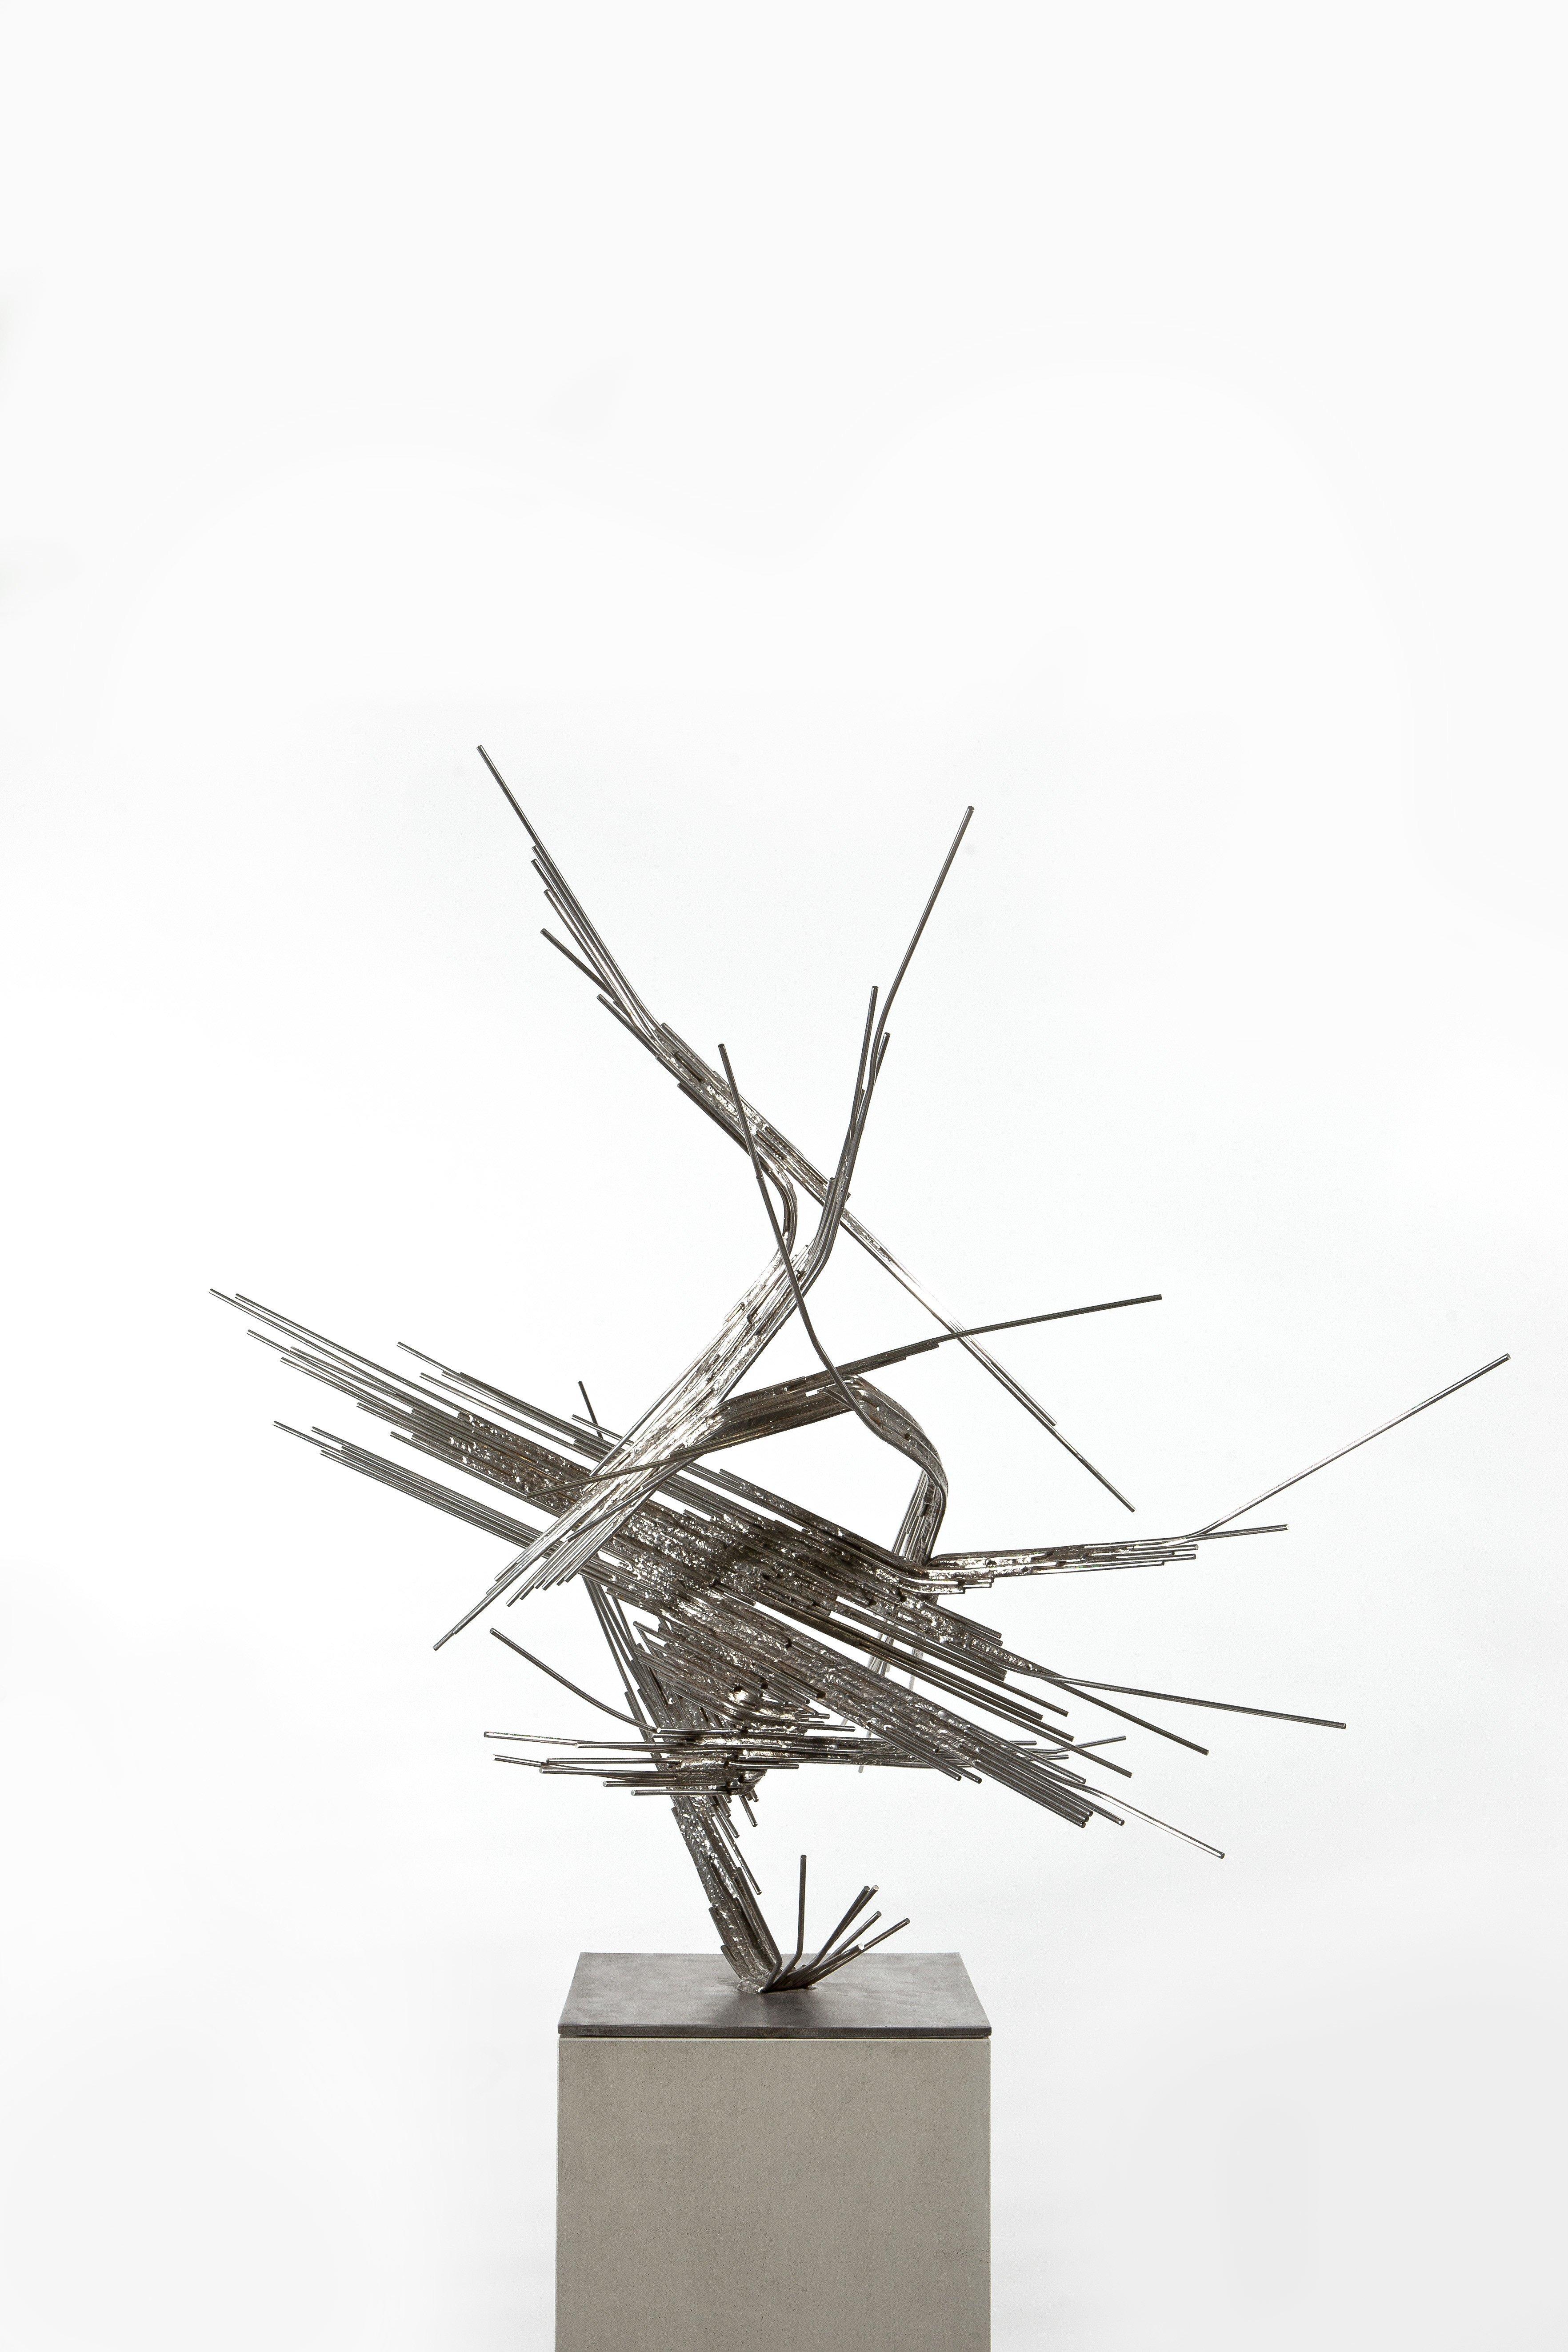 Raumplastik, 1960, Edelstahl, mit Silberhartlot geschweißt; Leihgabe des Förderkreises für die Kunsthalle Mannheim e.V. seit 1998; gestiftet von Heinrich Vetter, Ilvesheim; © Norbert Kricke Archiv, Berlin